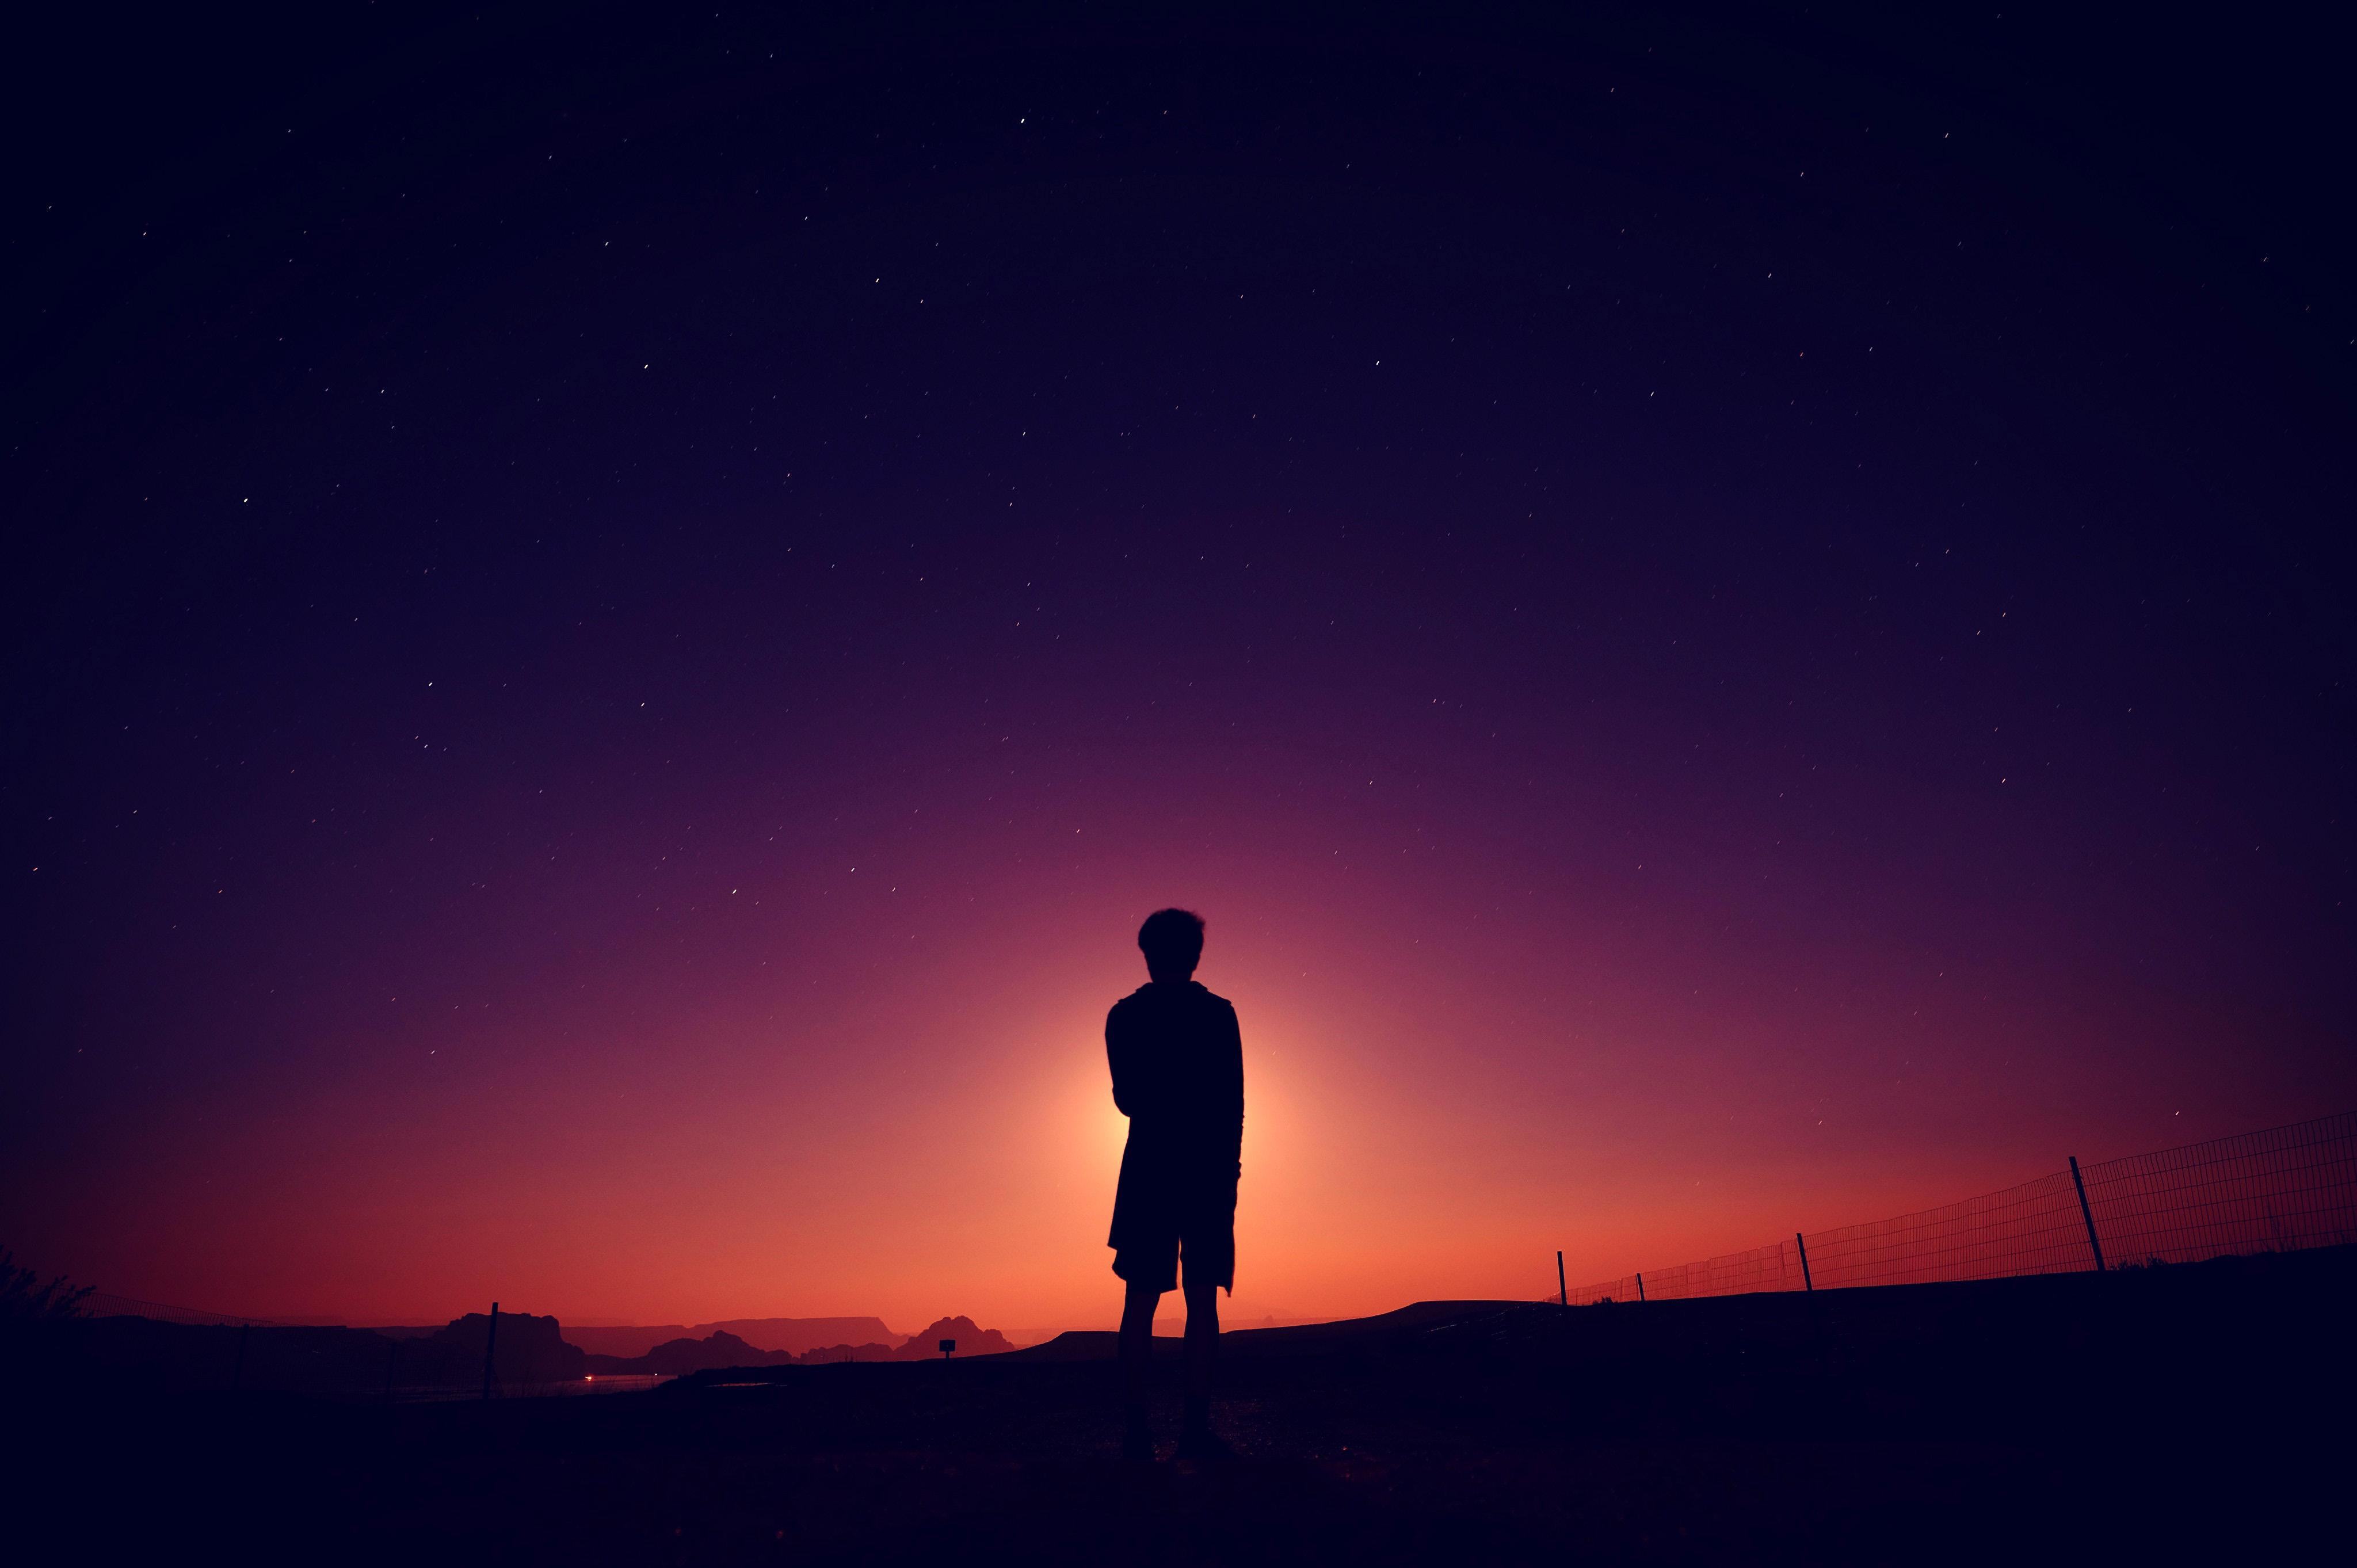 Religião: ponte de ligação entre o divino e o humano [Ribamar Portela]